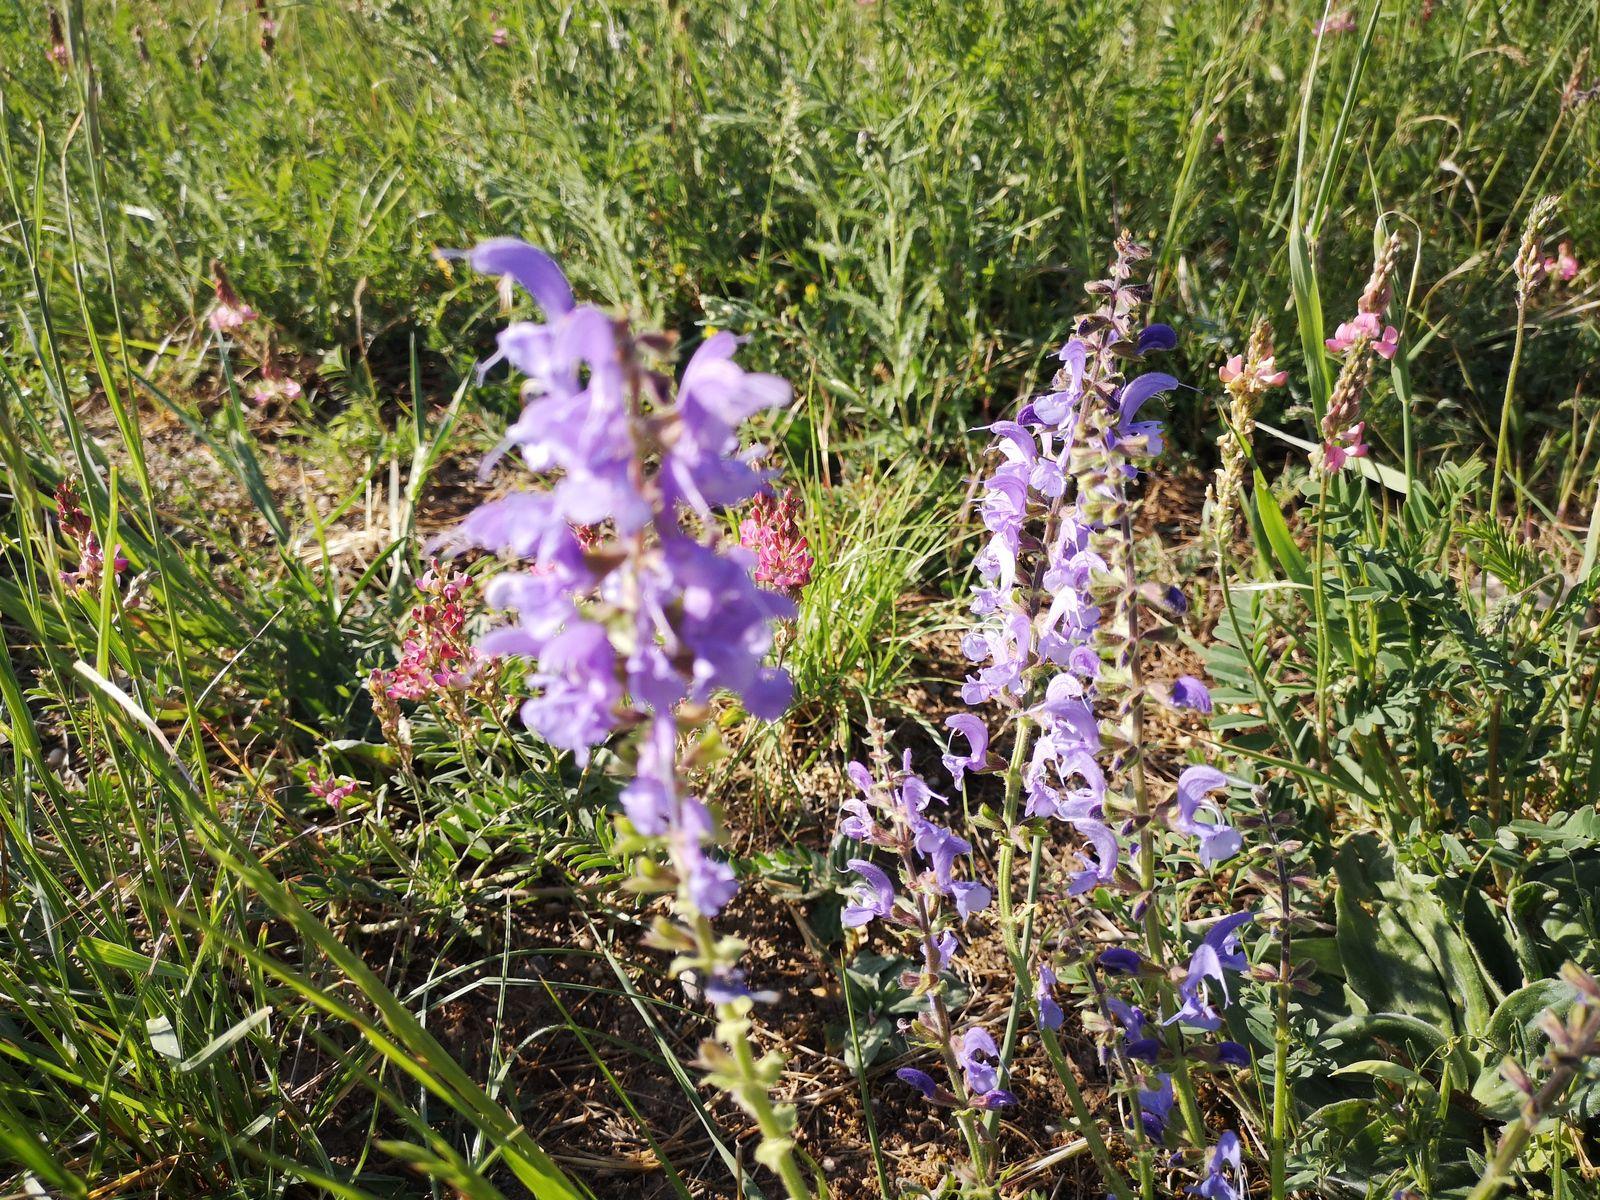 Salvia pratensis, sauge commune ou sauge des prés, apprécie tout particulièrement les terrains calcaires.